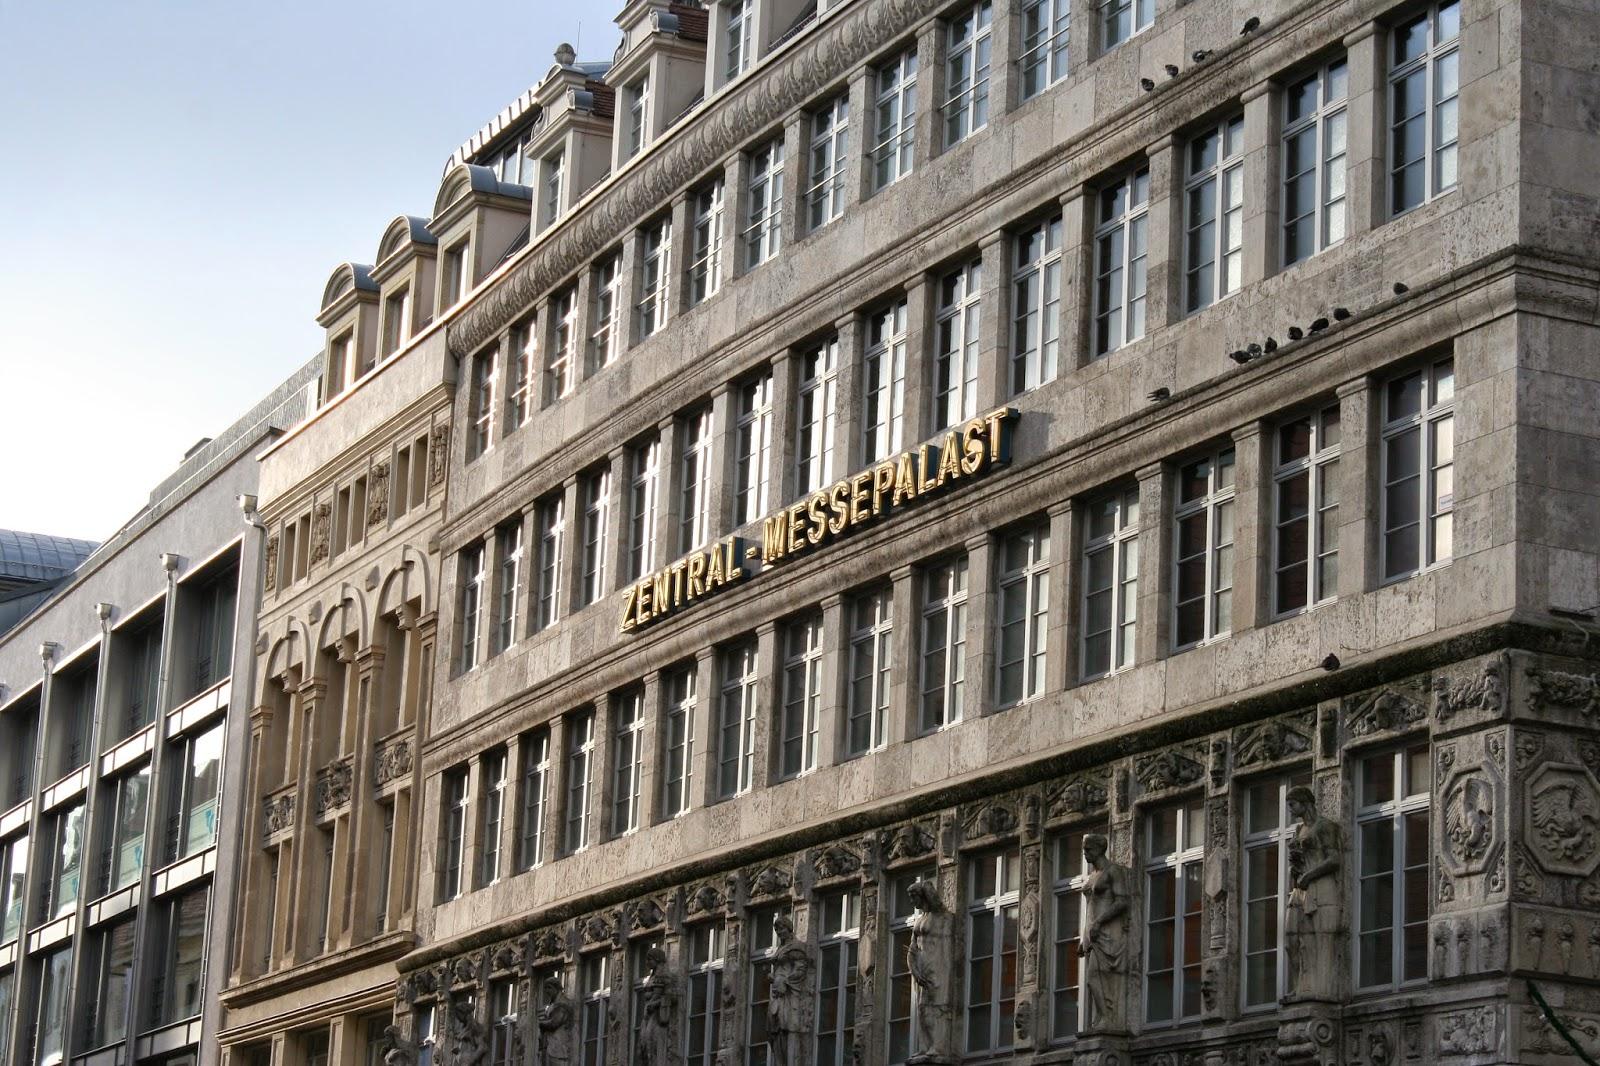 """Der Zentralmessepalast wurde vom bekannten Architekten Emil Franz Hänsel projektiert, welcher unter anderem auch das """"Kaufhaus Brühl"""" entwarf - gut zu sehen die Aufschrift """"Zentral-Messepalast"""" - nach Kriegsbeschädigung wurde das Gebäude 1949 wiedereröffnet - bis auf die Fassade wurde der Zentralmessepalast zwischen 1996 und 1999 komplett ersetzt"""